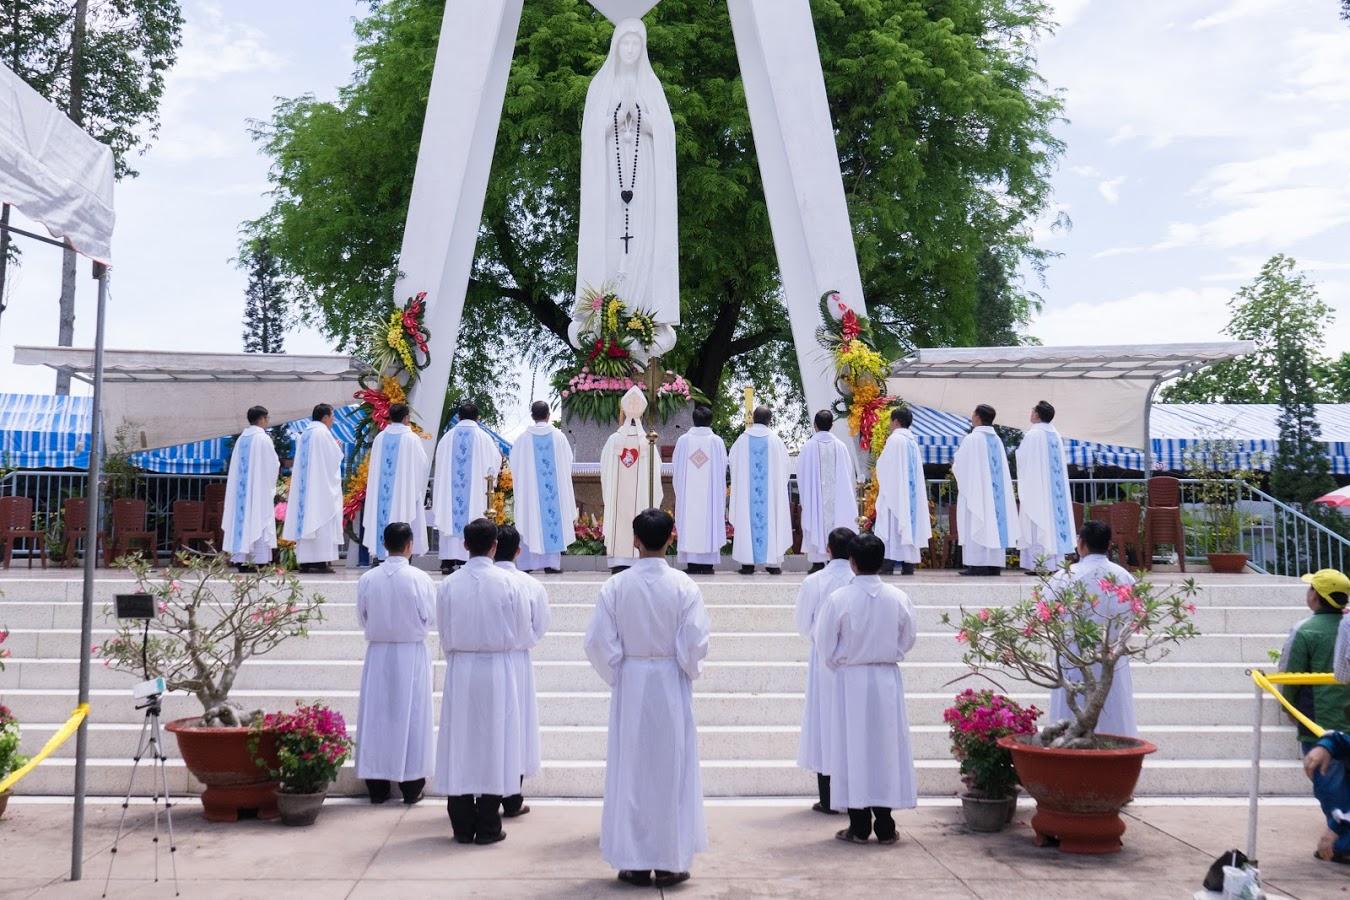 Trung tâm hành hương Fatima: Hành hương kính Mẹ và Mừng Lễ Chúa thăng thiên